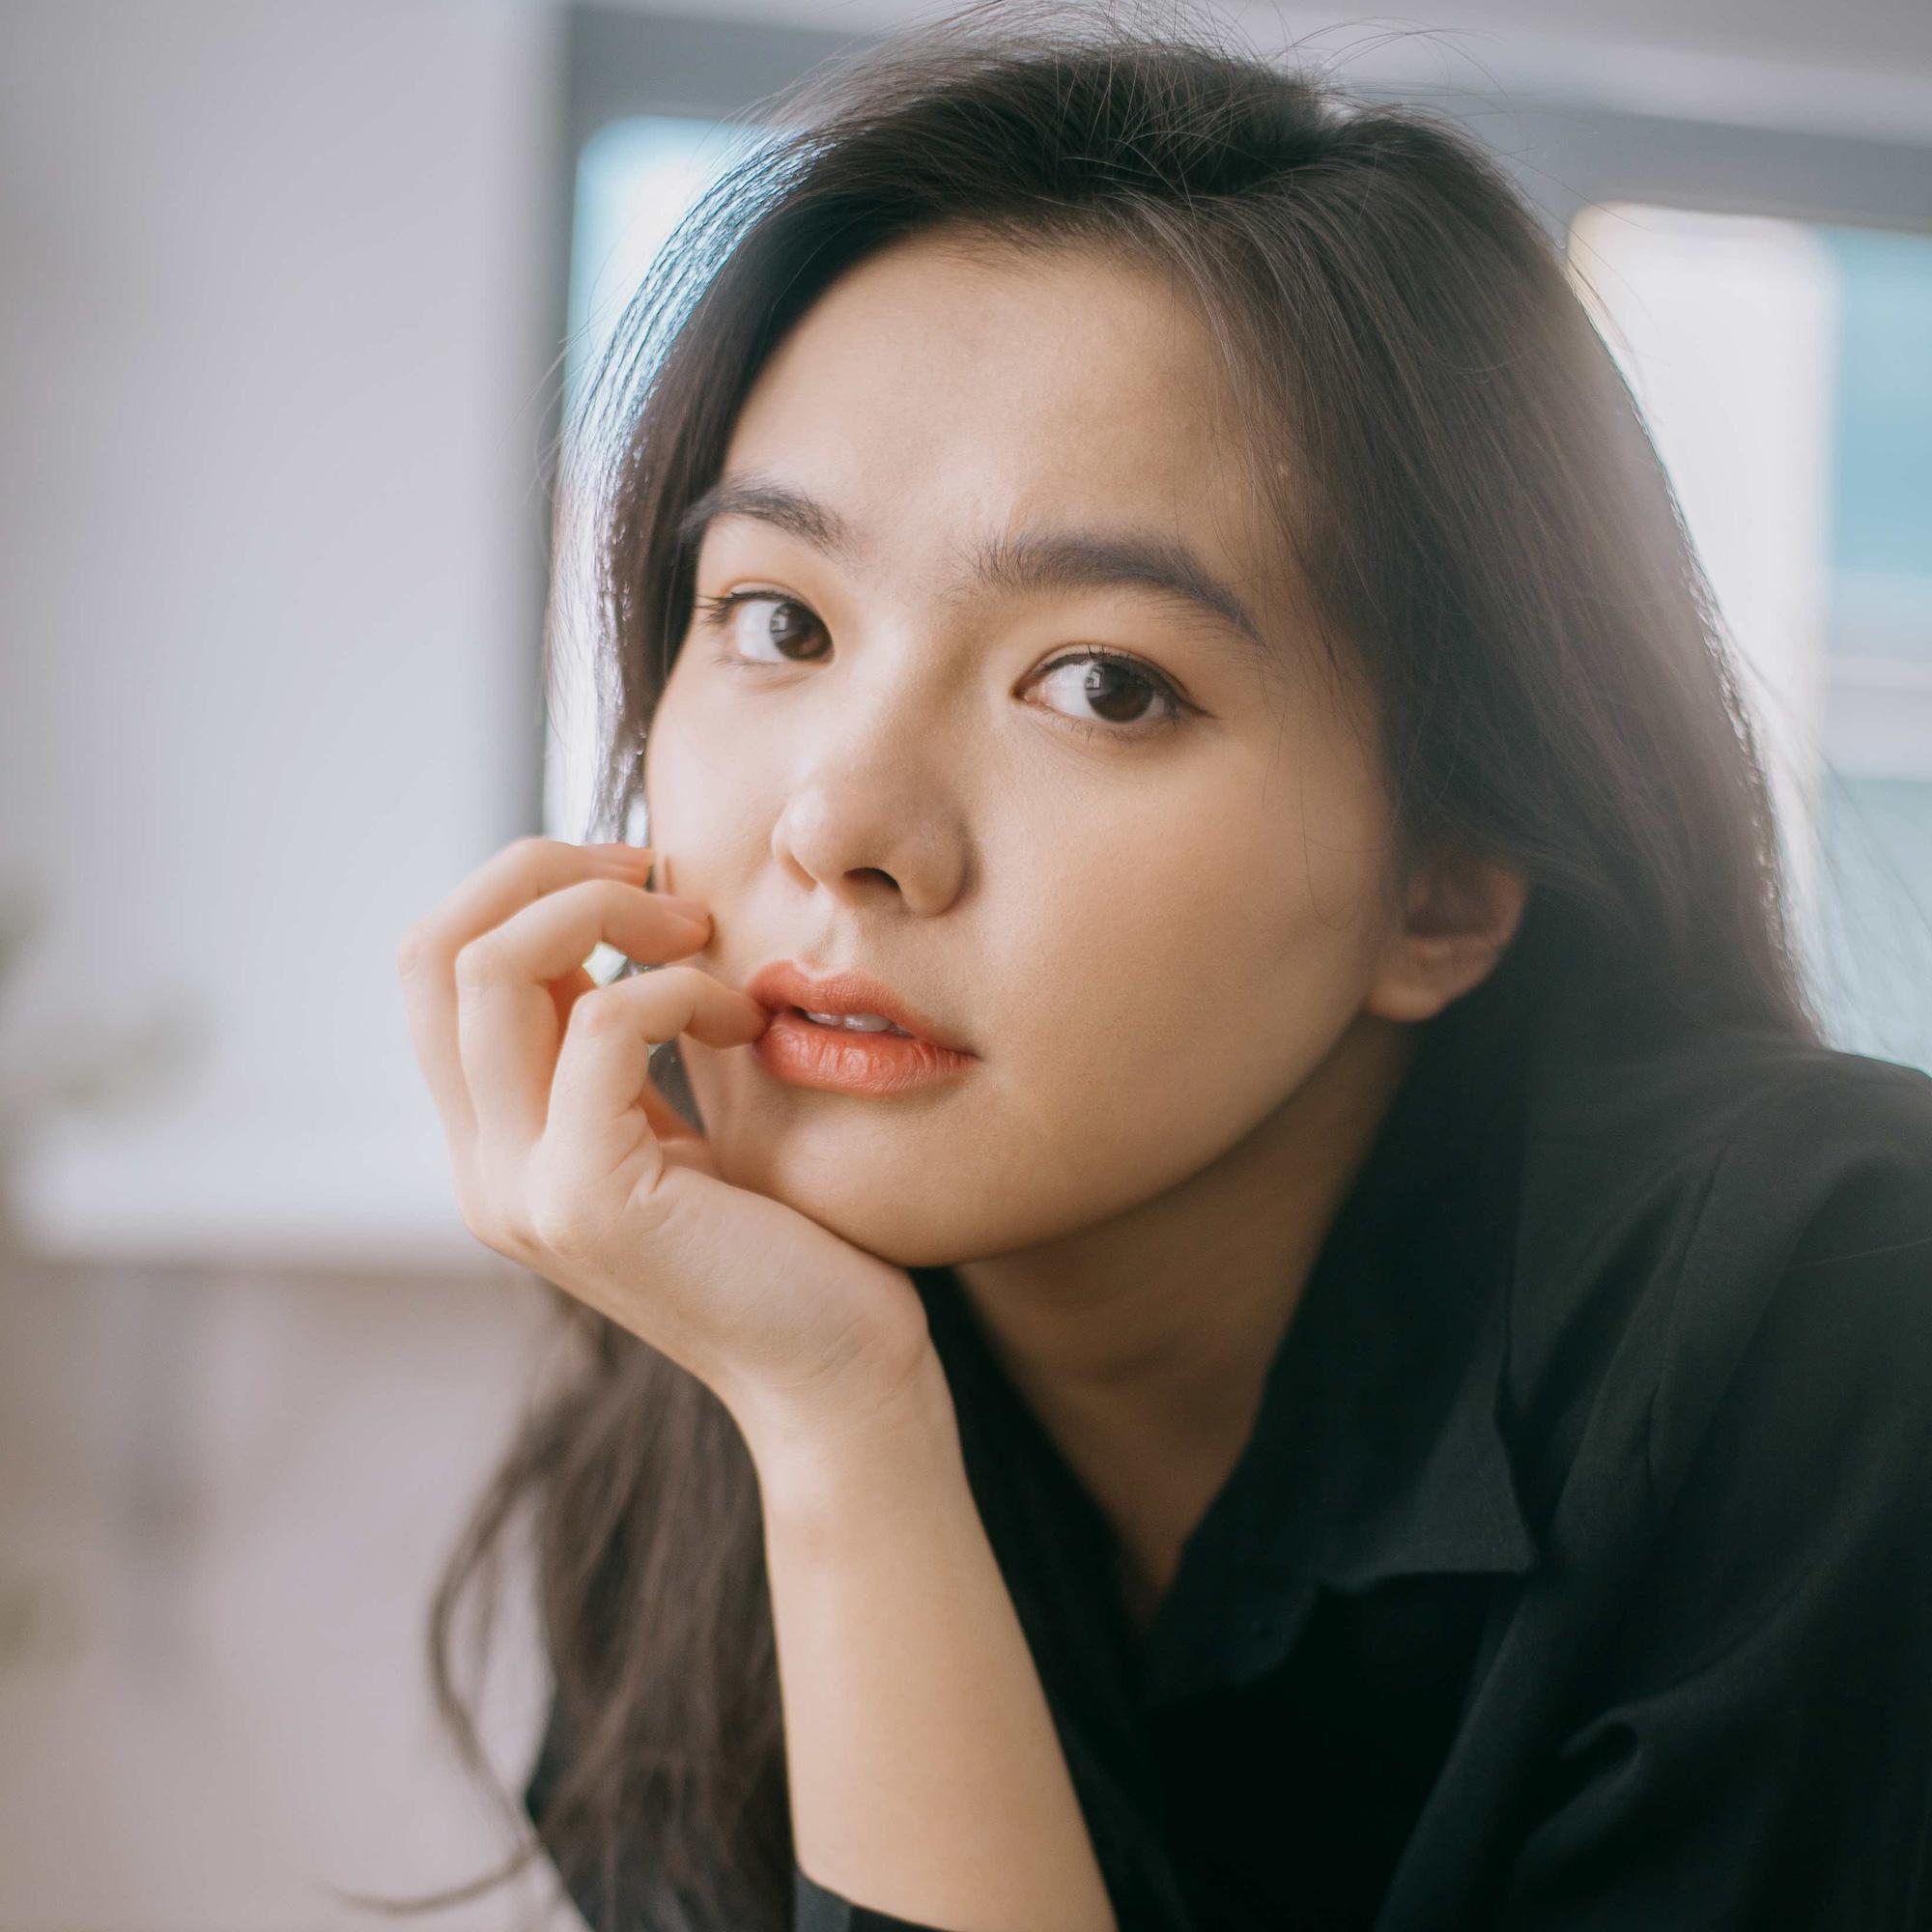 Hot girl Hà Nội mua nhà năm 19 tuổi: Có nhà có xe chưa bao giờ là mục tiêu, chỉ cần không bị học lại - ảnh 1